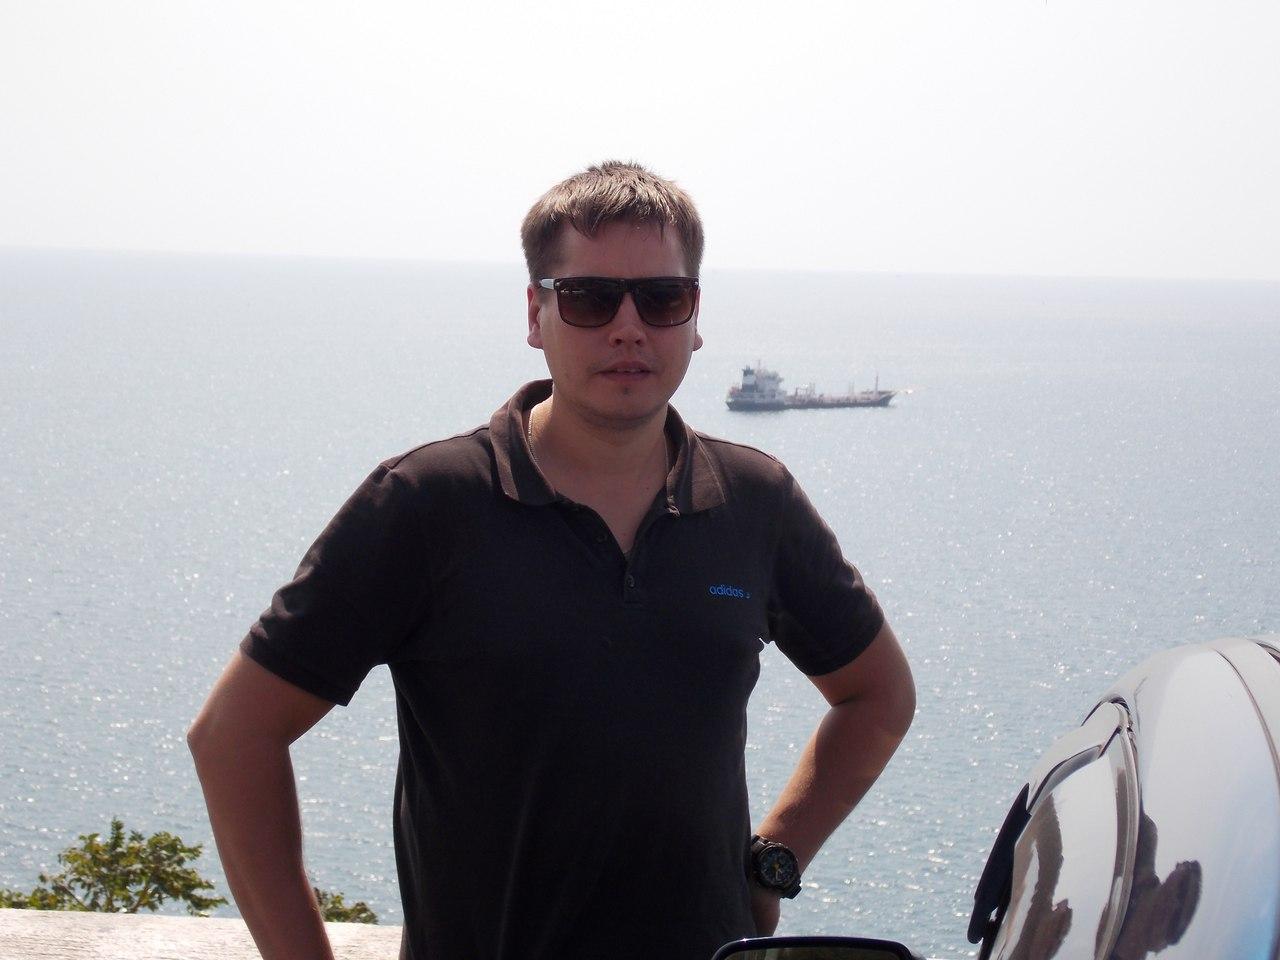 Дмитрий Бурчаков, Воронеж - фото №1